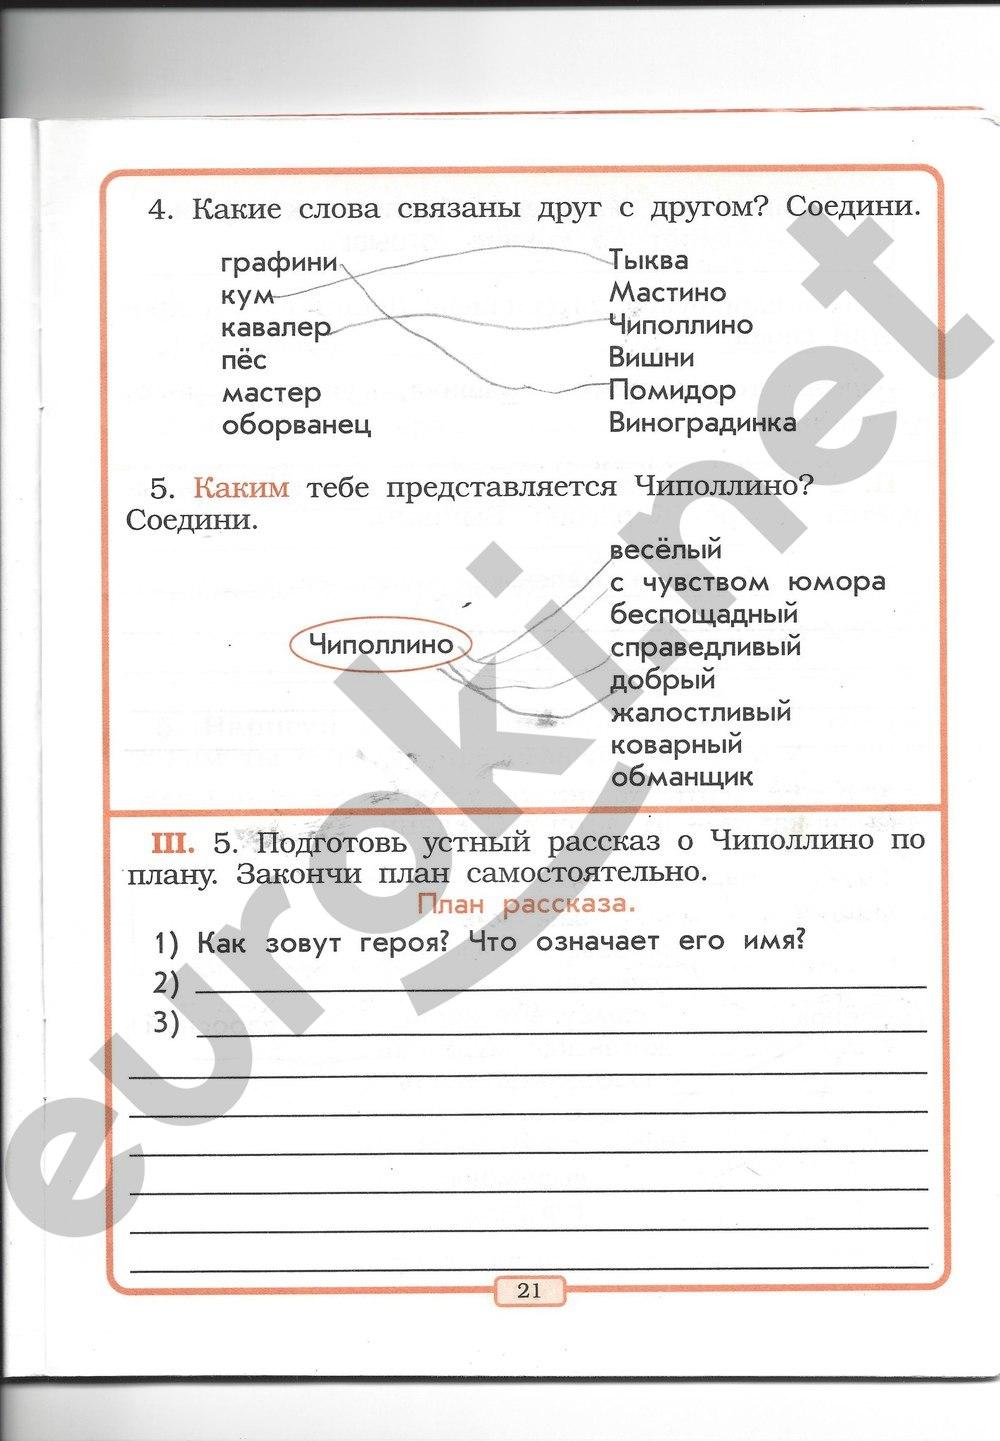 Решебник к тетради по литературному чтению 2 класс бунеев стр21